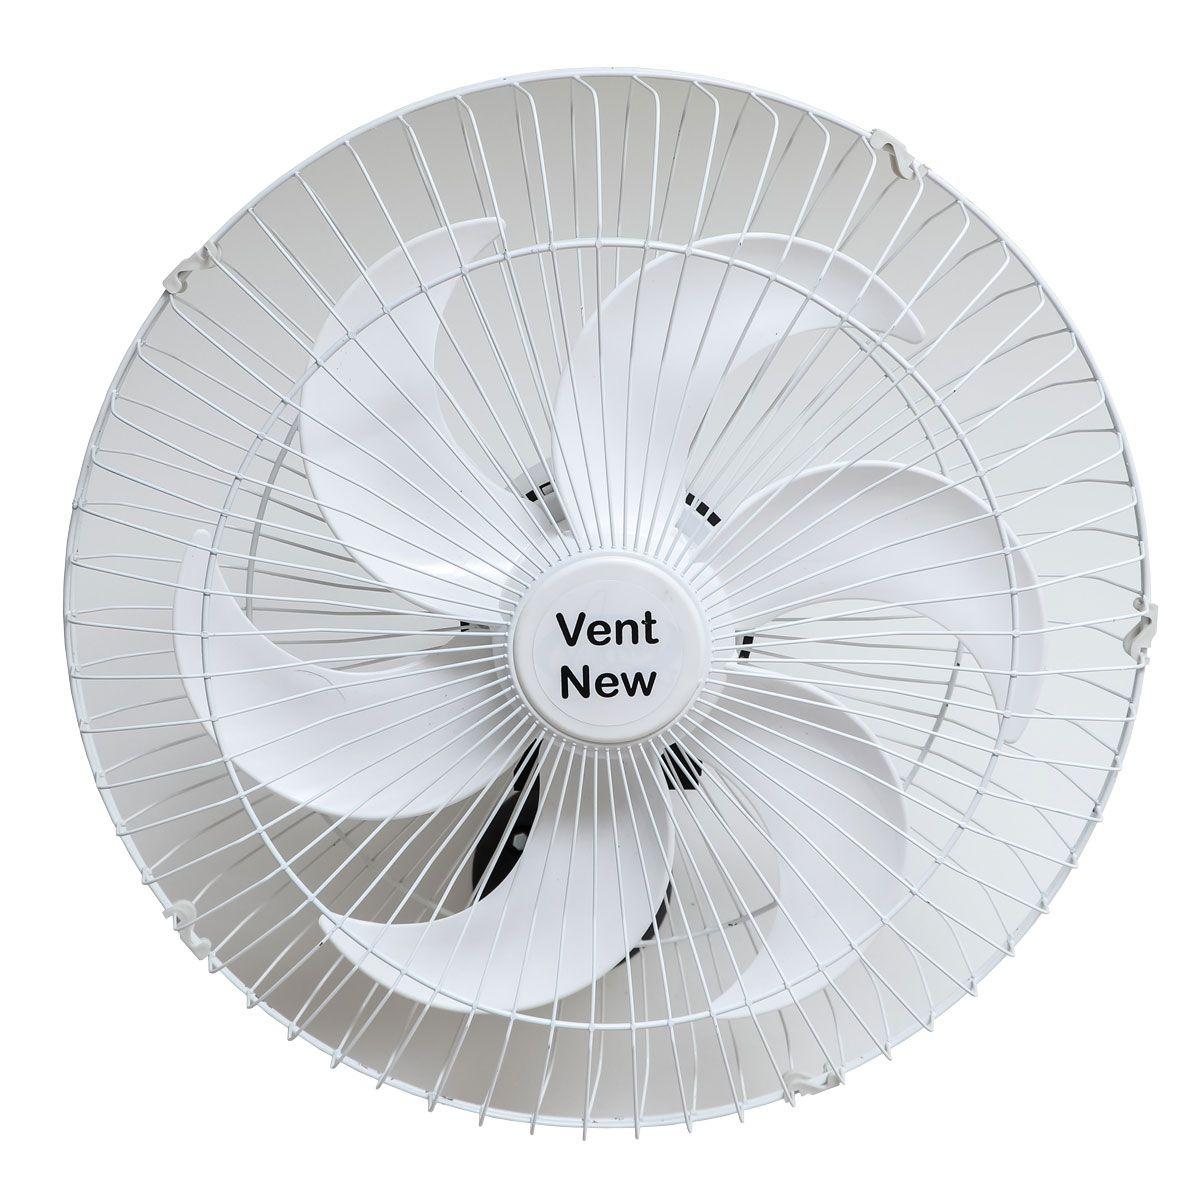 Kit 2 Ventiladores Parede Oscilante 50 Cm Branco / Branco Bivolt Grade Aço